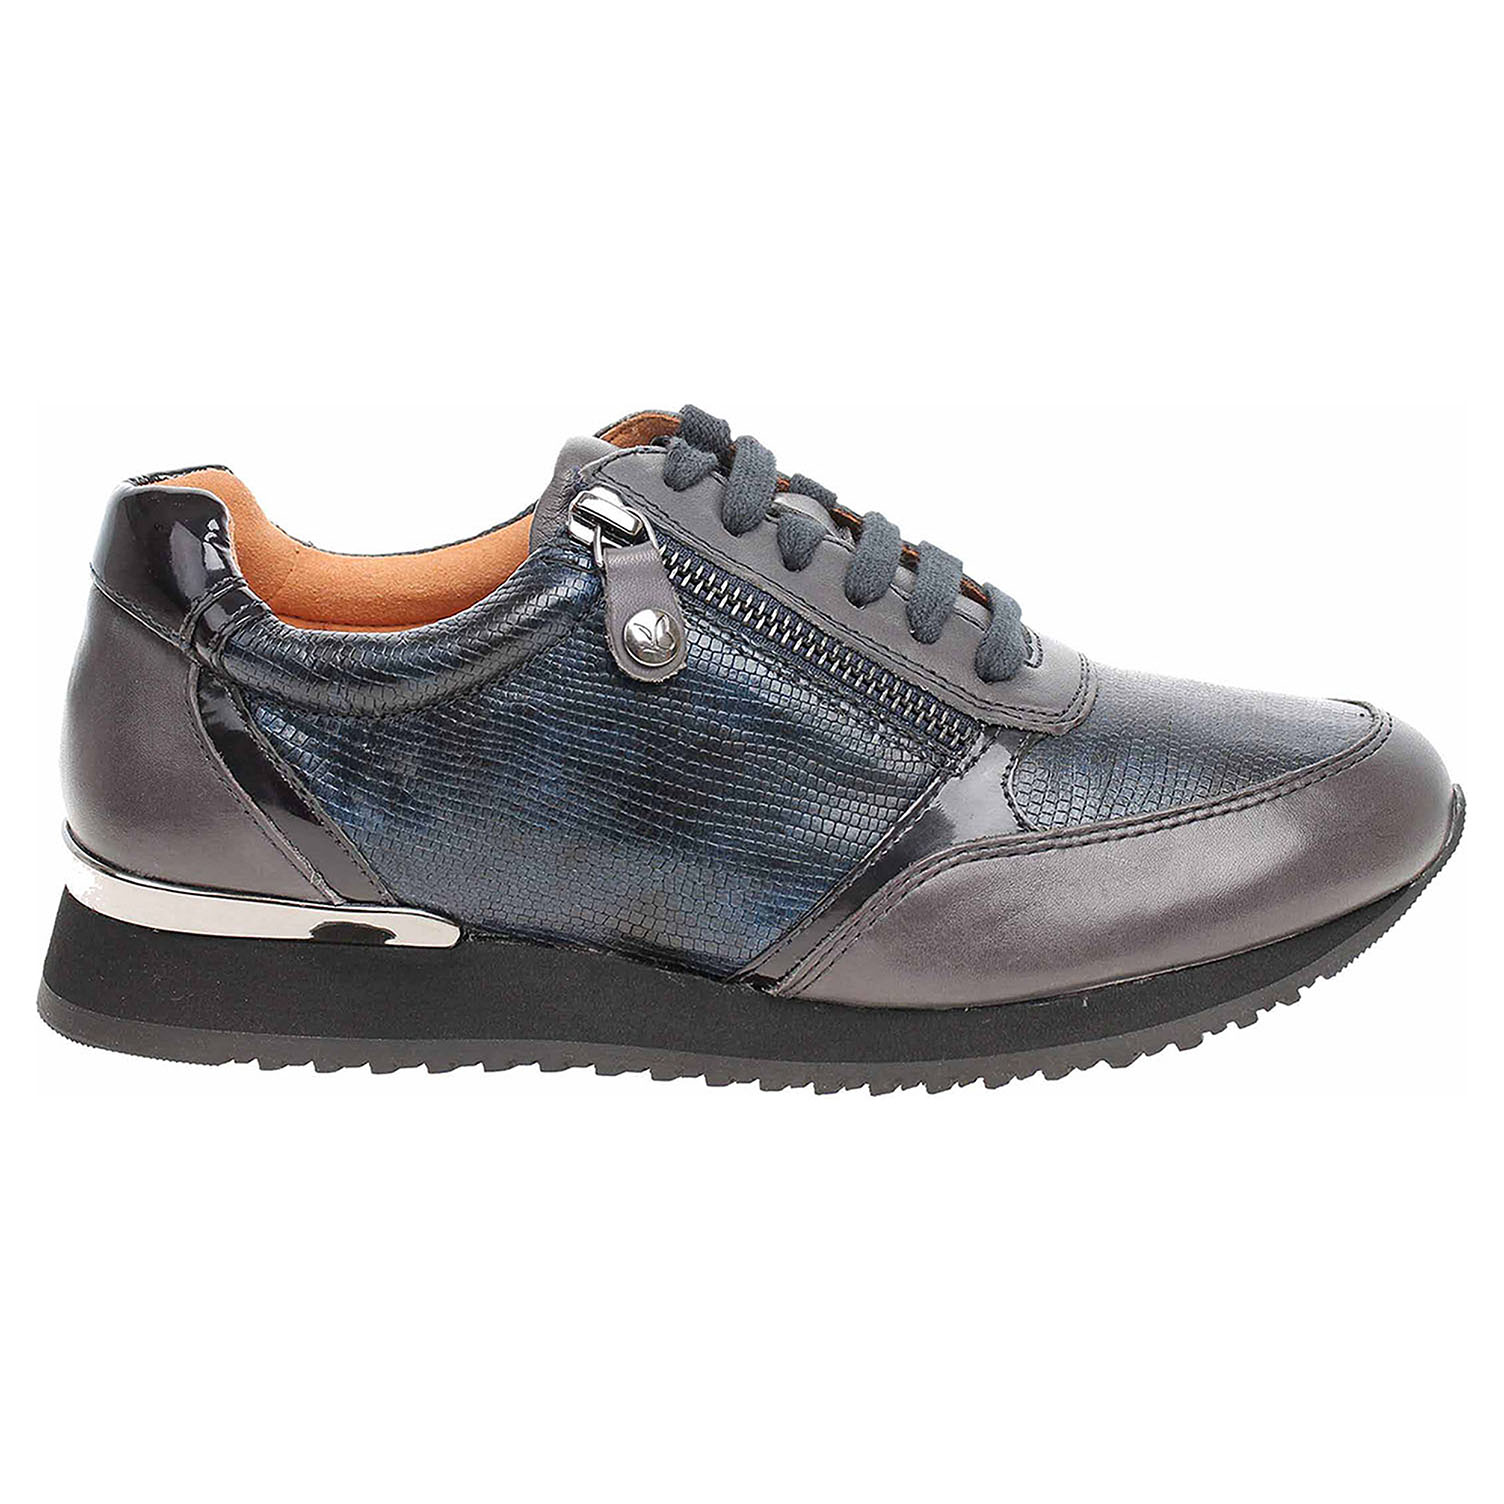 Ecco Caprice dámská obuv 9-23600-21 ocean comb 23200886 178c8a4a1a